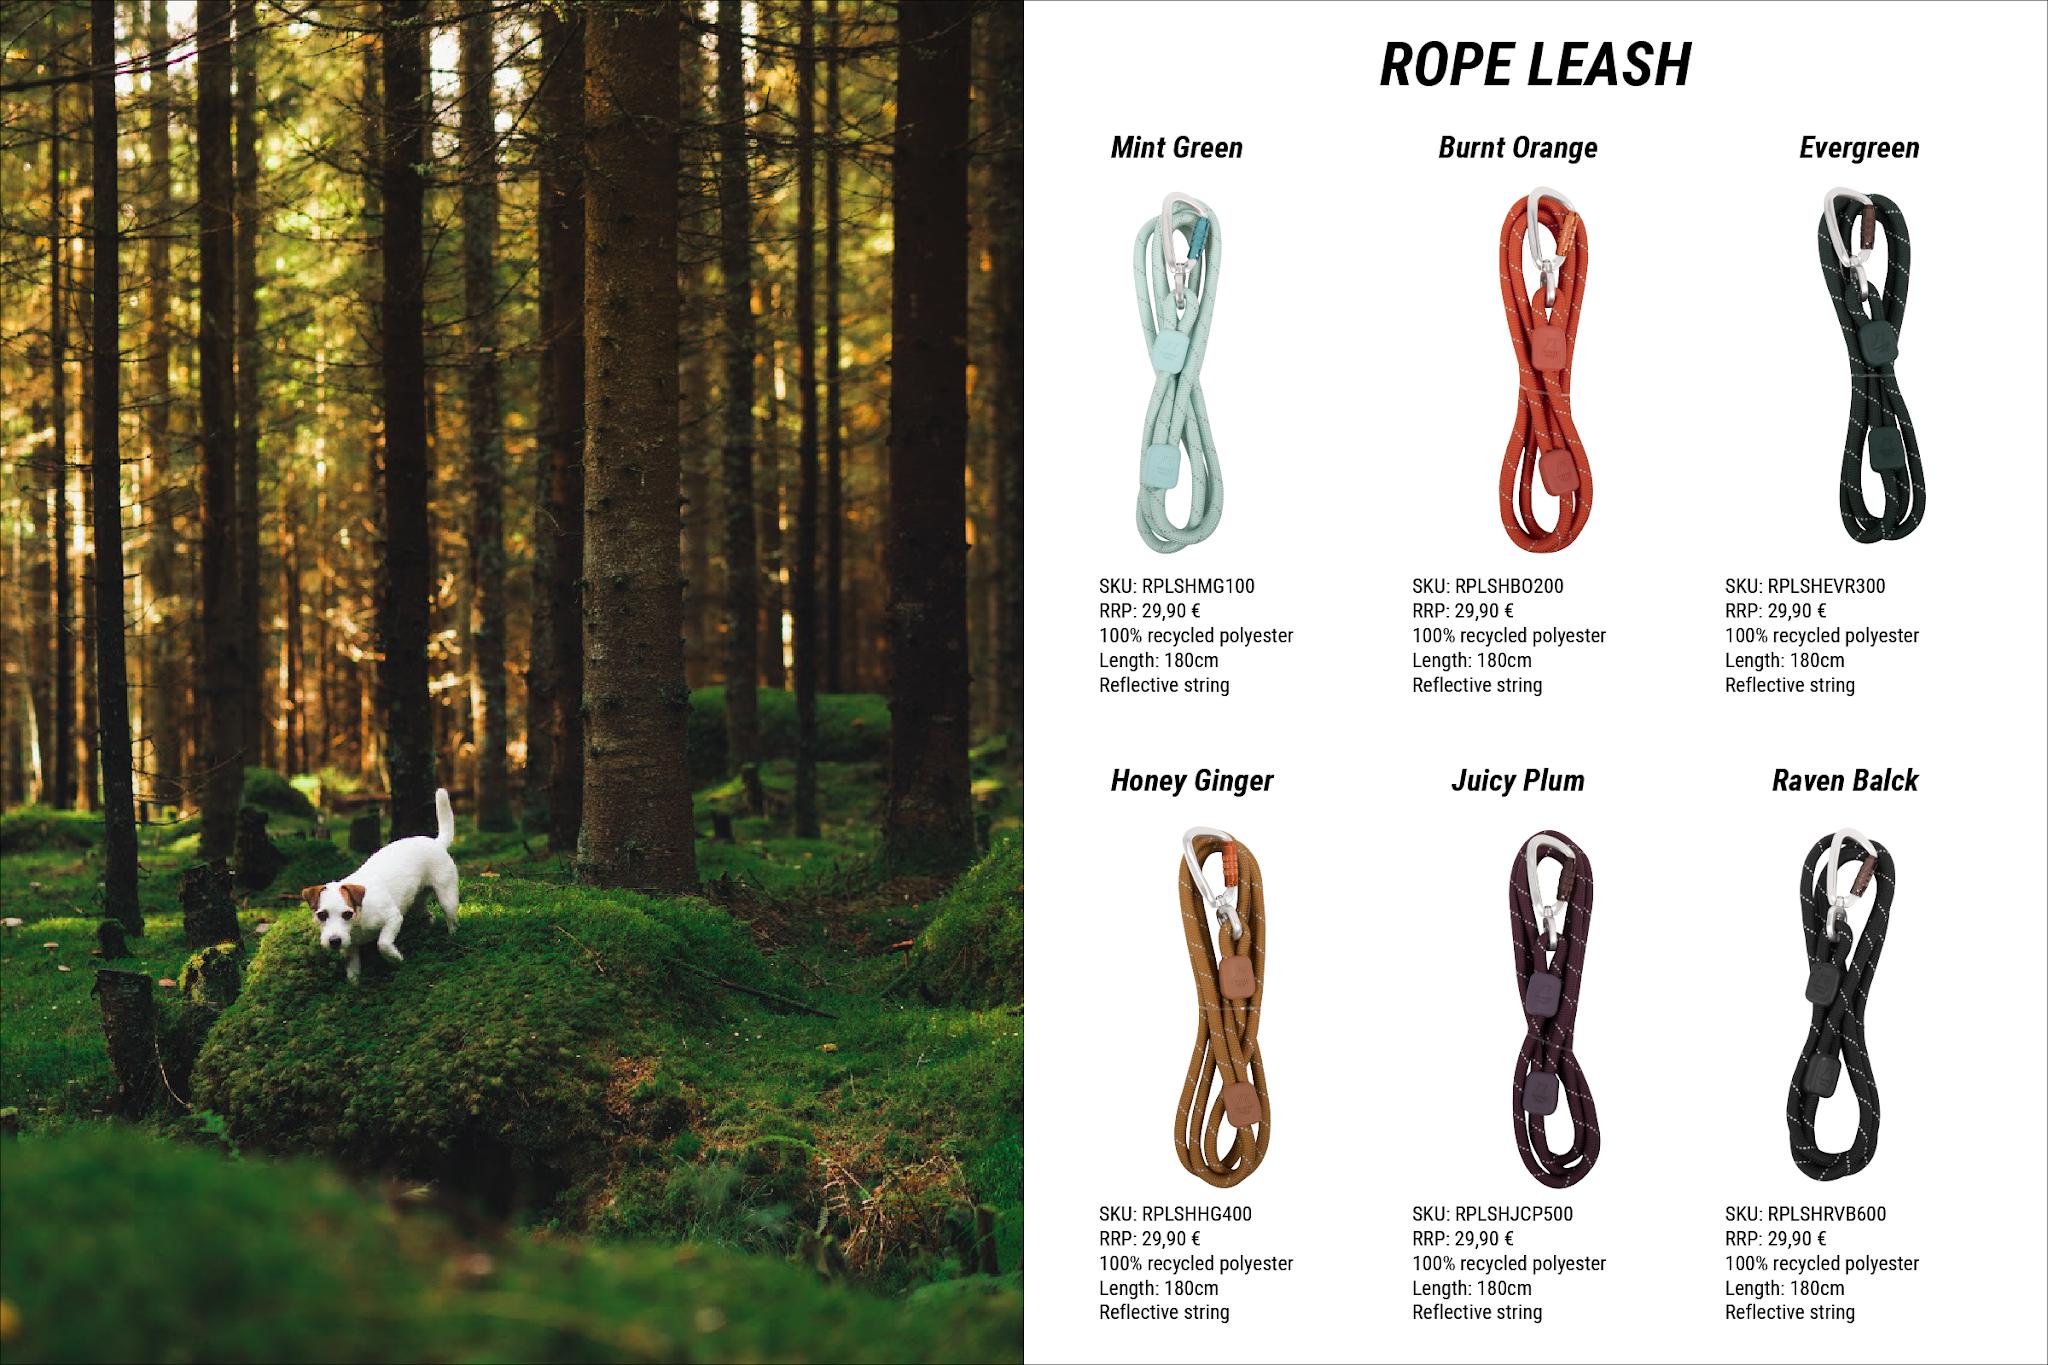 Valmis Rope Leash-sivu